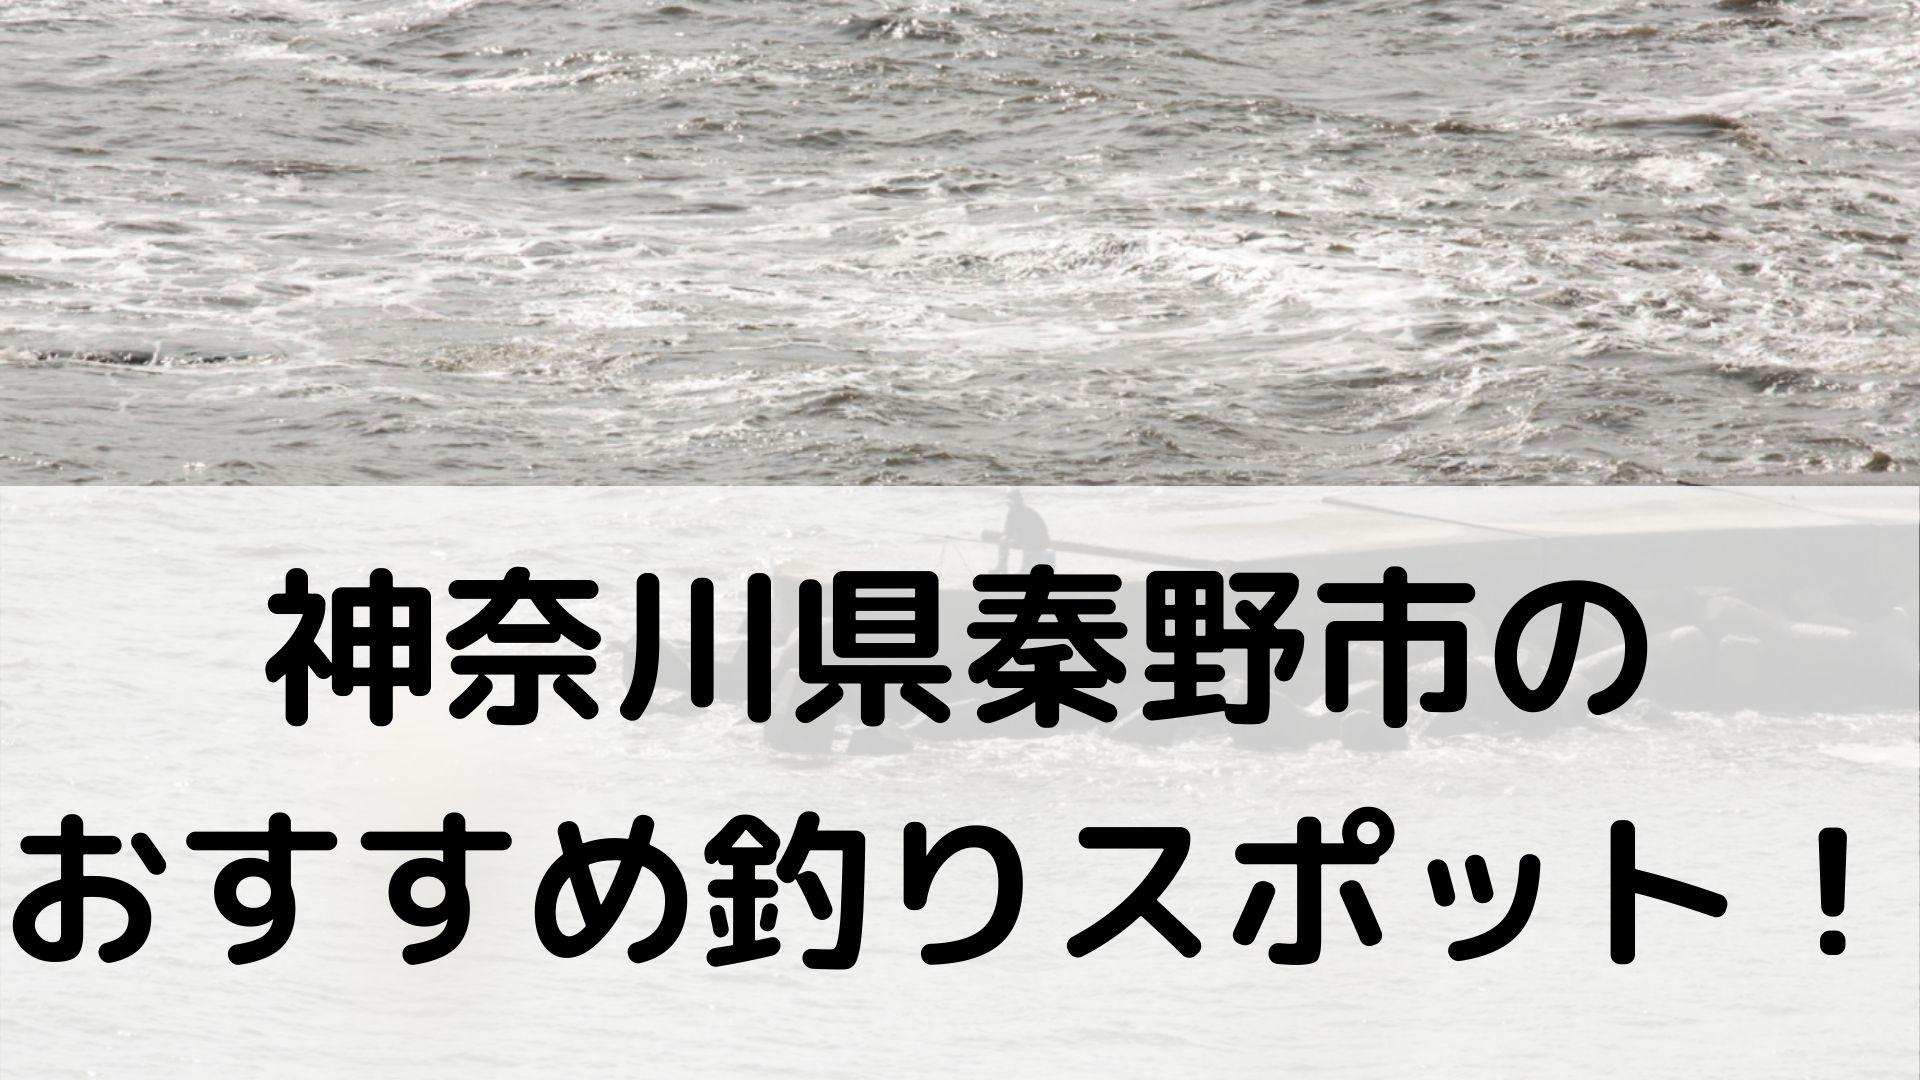 神奈川県秦野市のおすすめ釣りスポットに関する参考画像